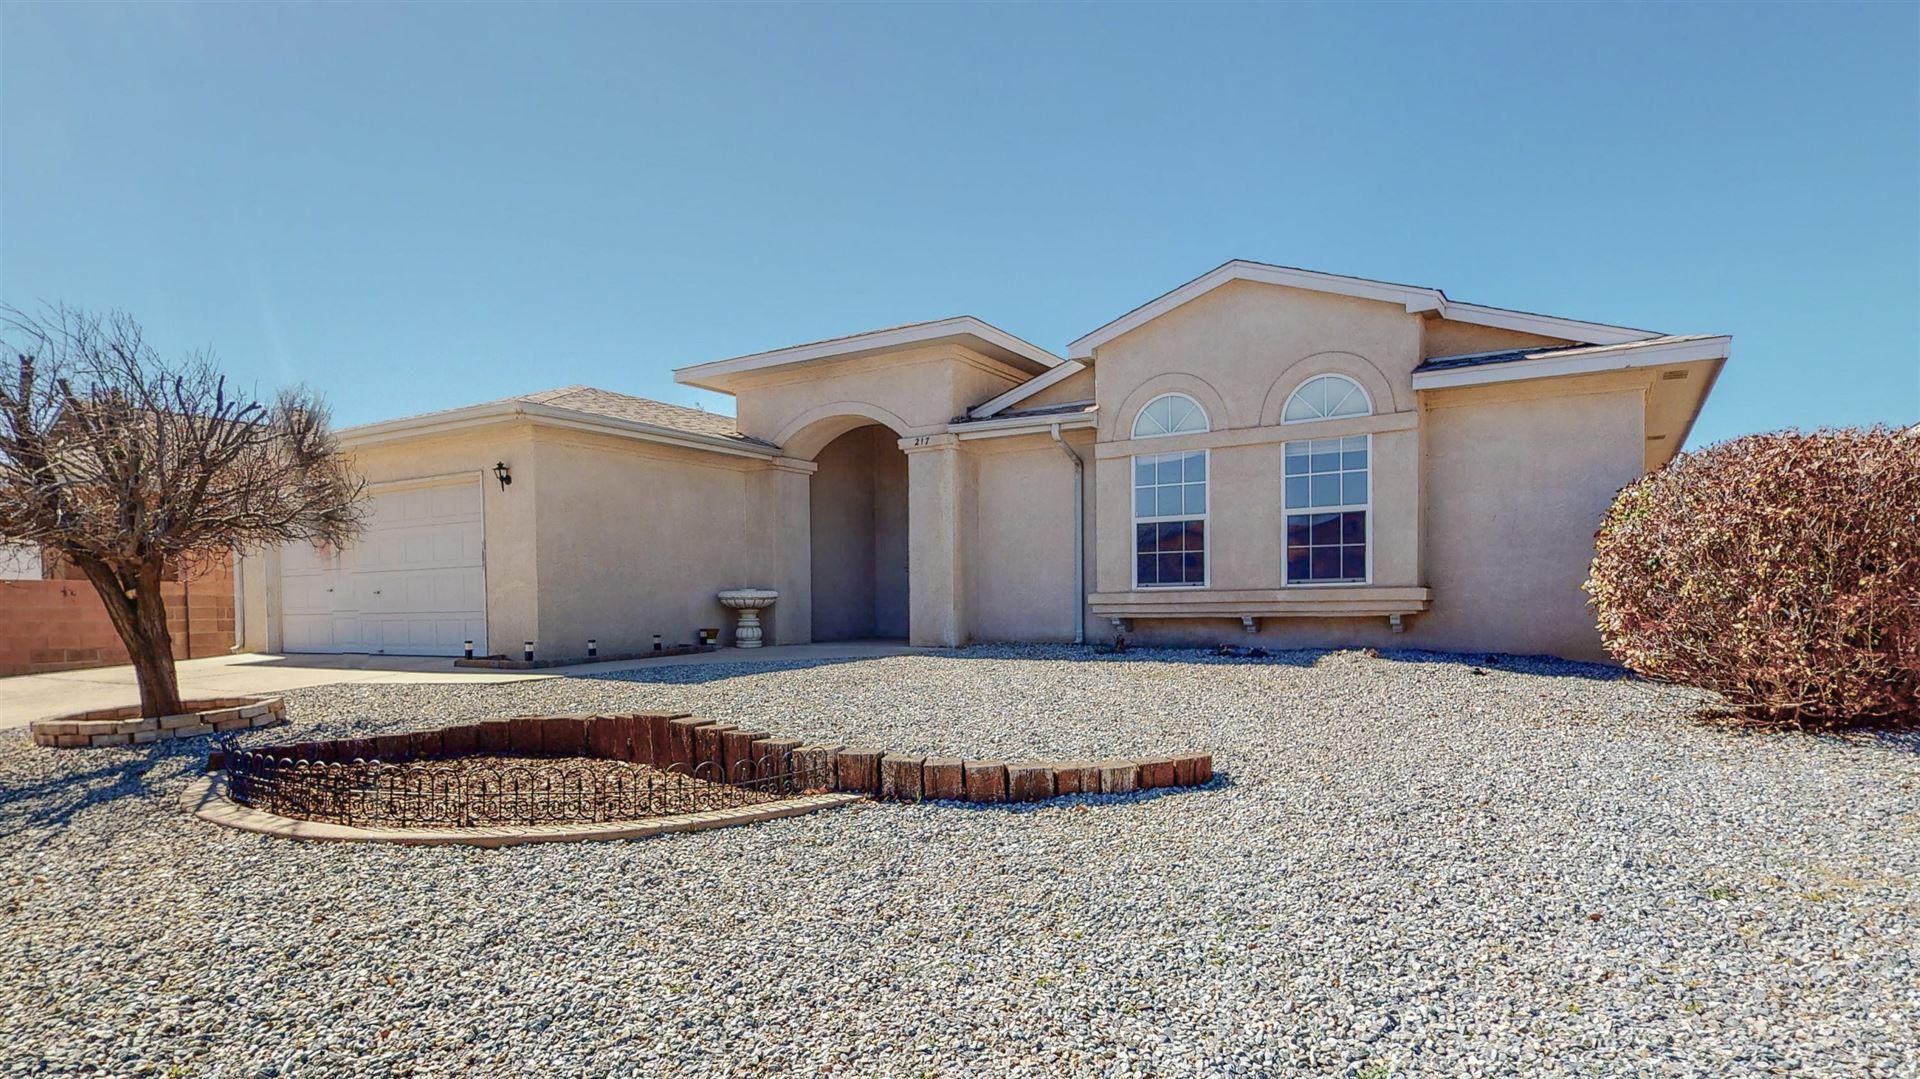 217 DOGWOOD Trail SE, Rio Rancho, NM 87124 - MLS#: 986771